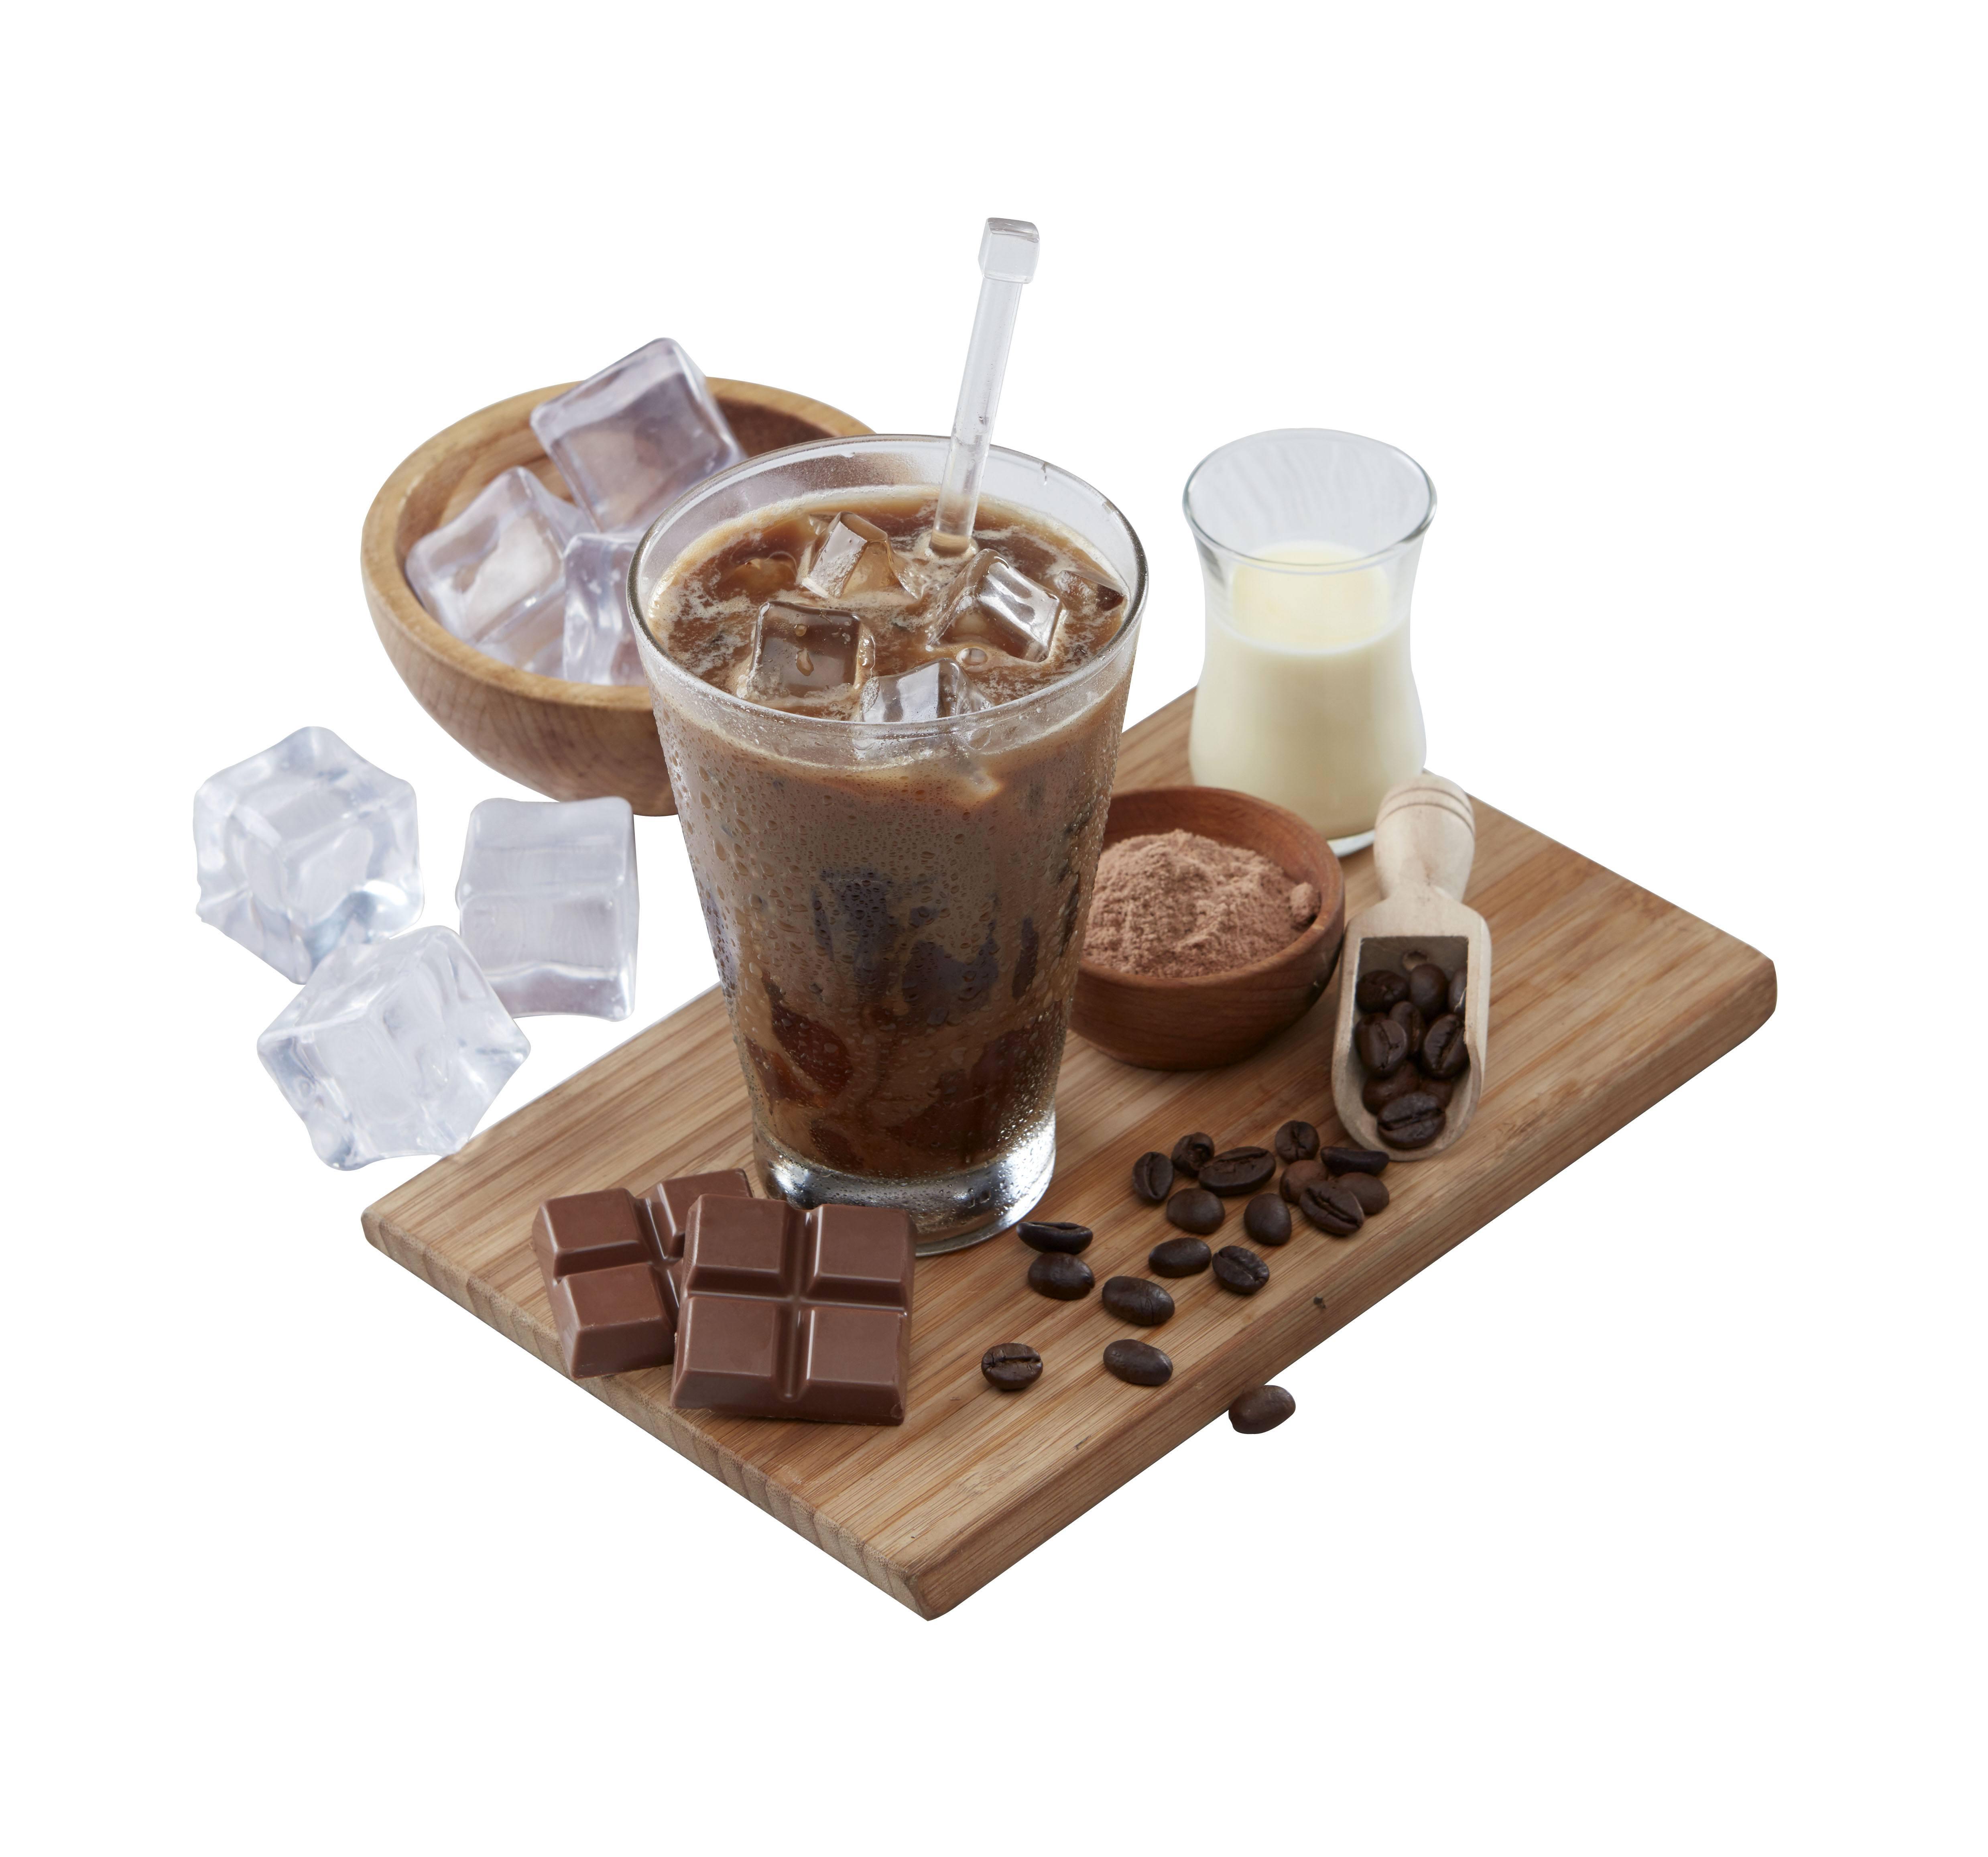 Iced Choco Coffee